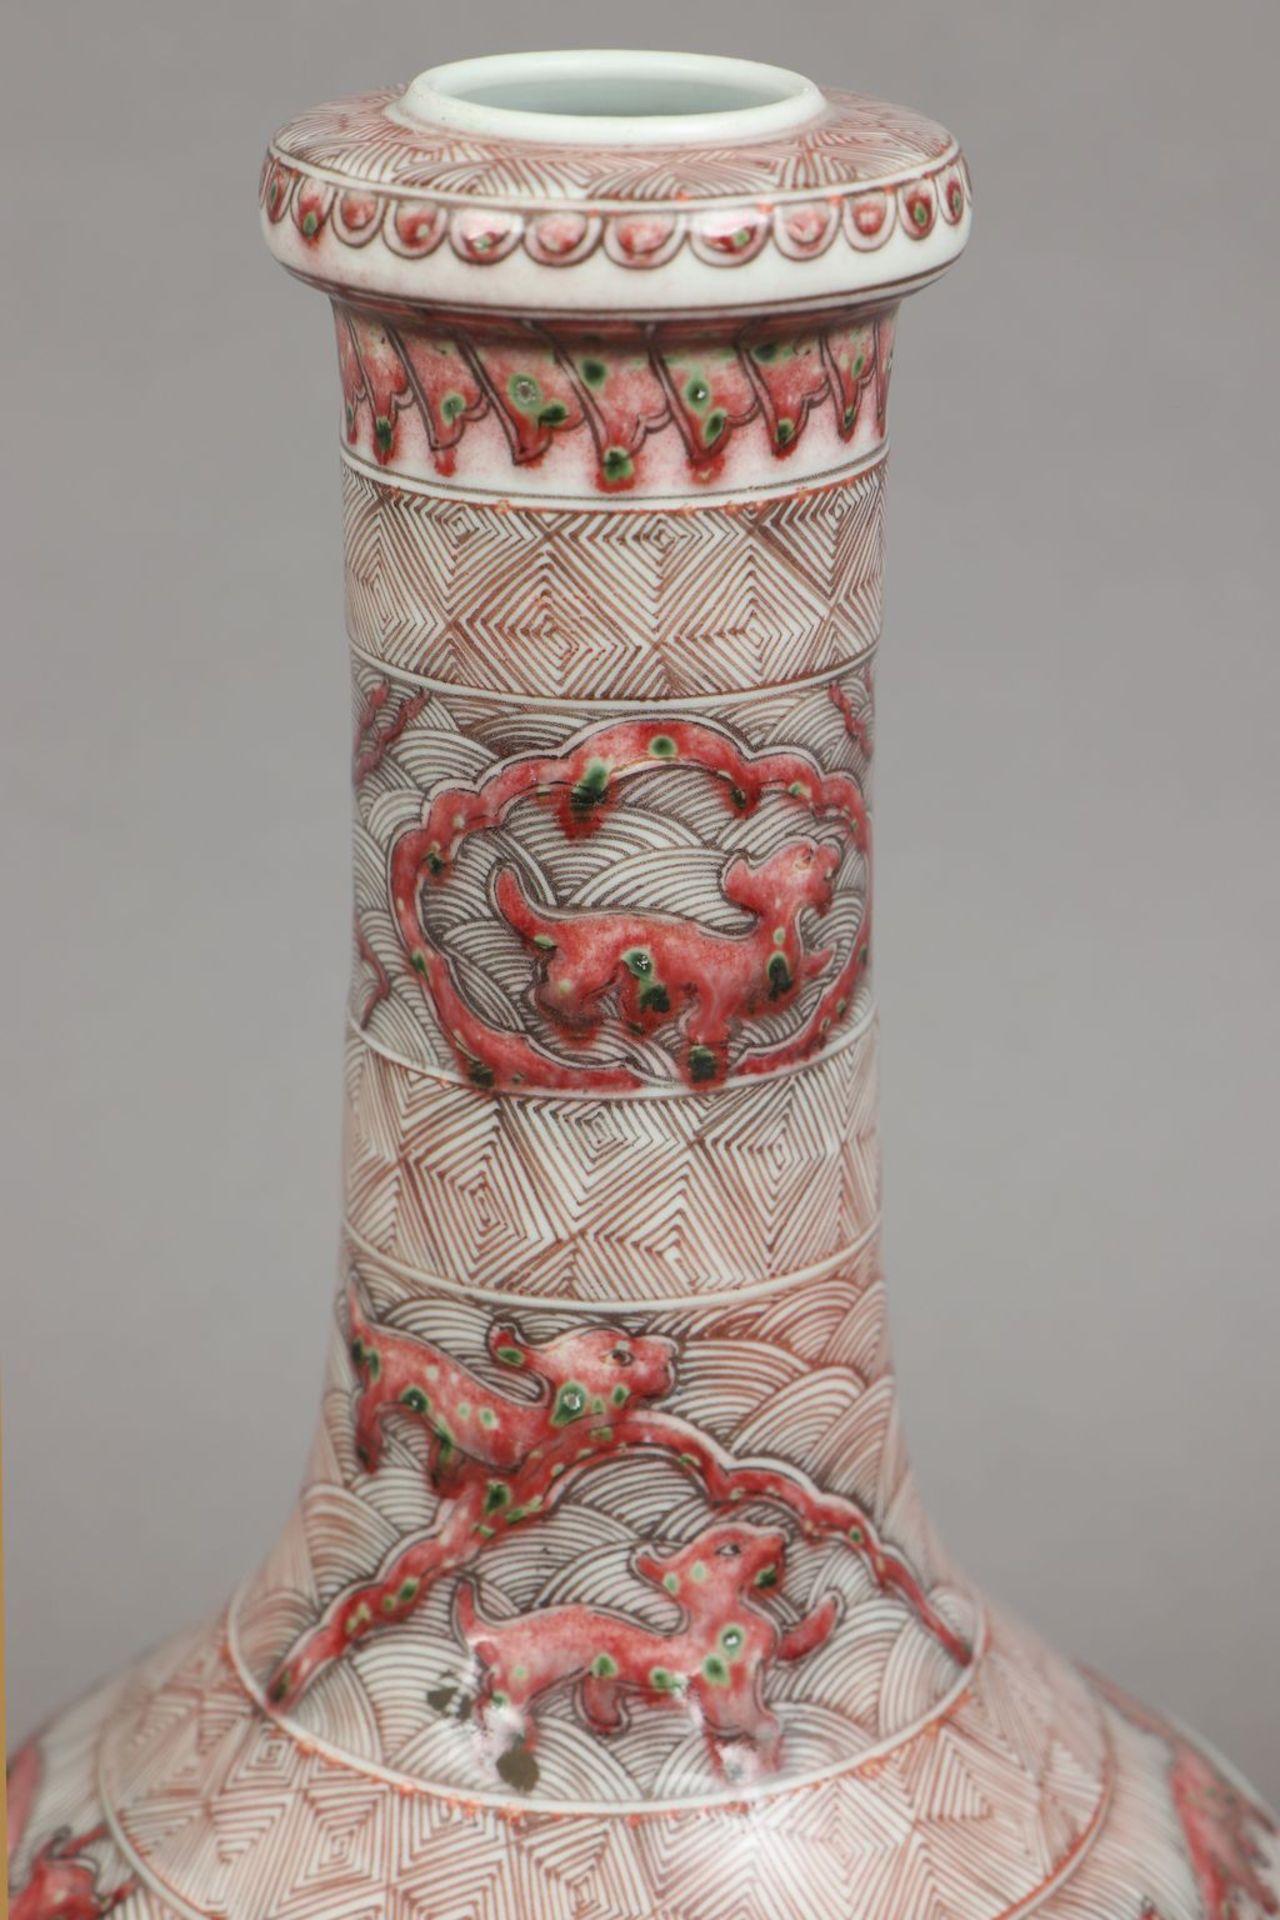 Chinesische Porzellanvase mit korallenrotem Drachendekor - Image 4 of 5